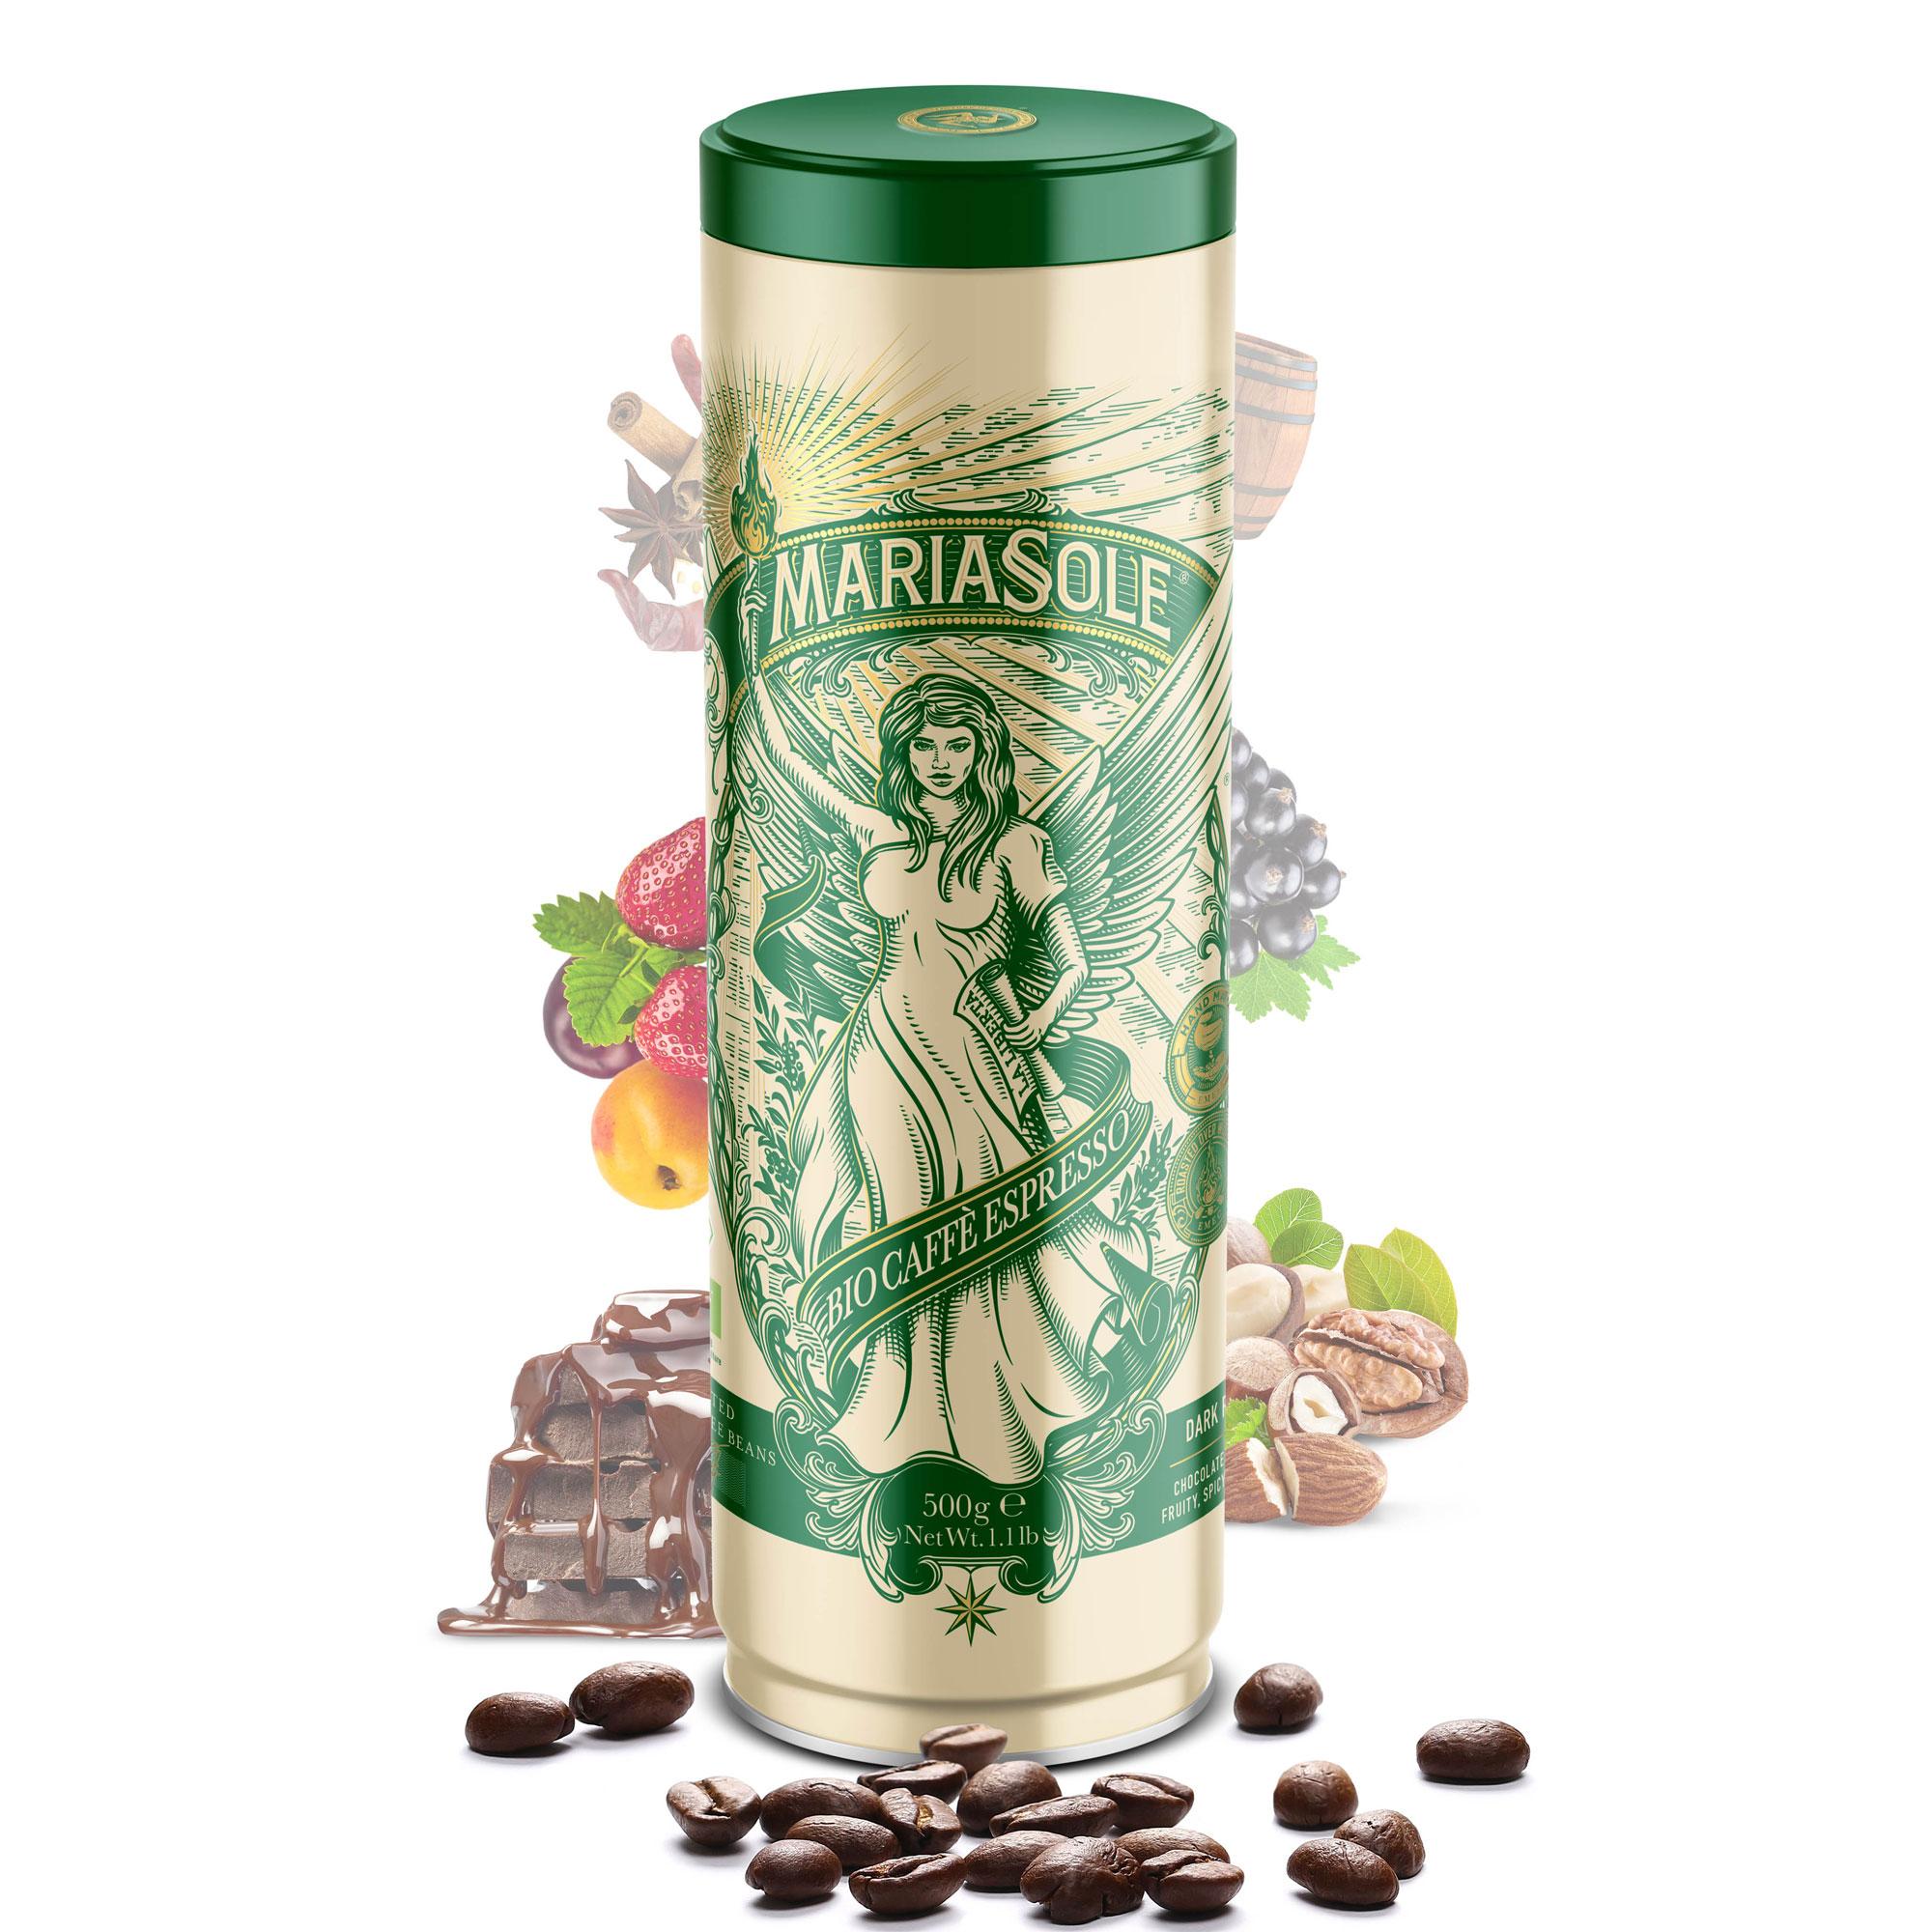 MARIASOLE - BIO Caffè Espresso - 500g - Bohnen